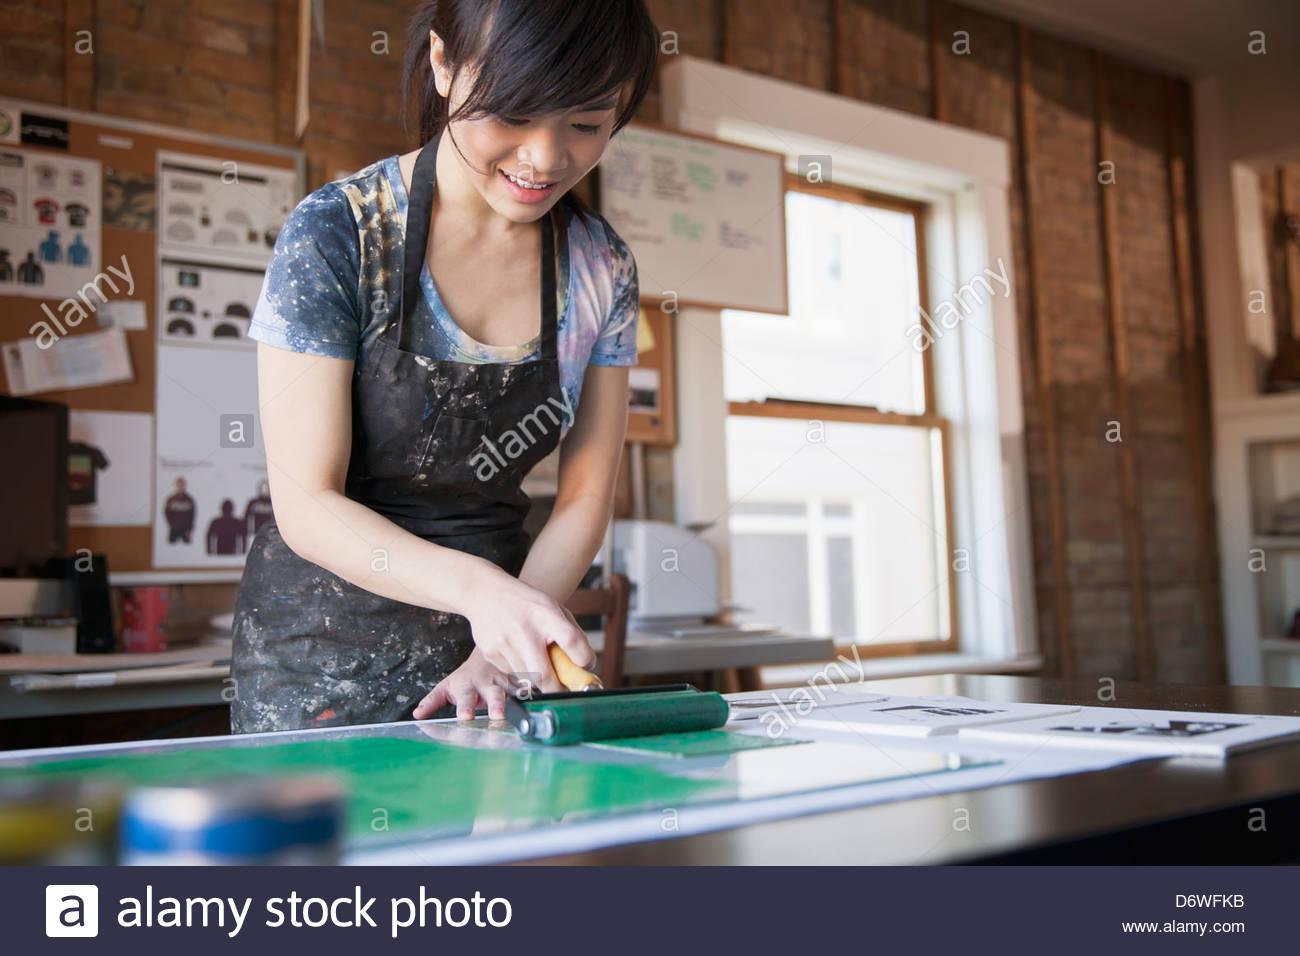 Designerinnen Farbwerk Radierplatte in Werkstatt Stockbild